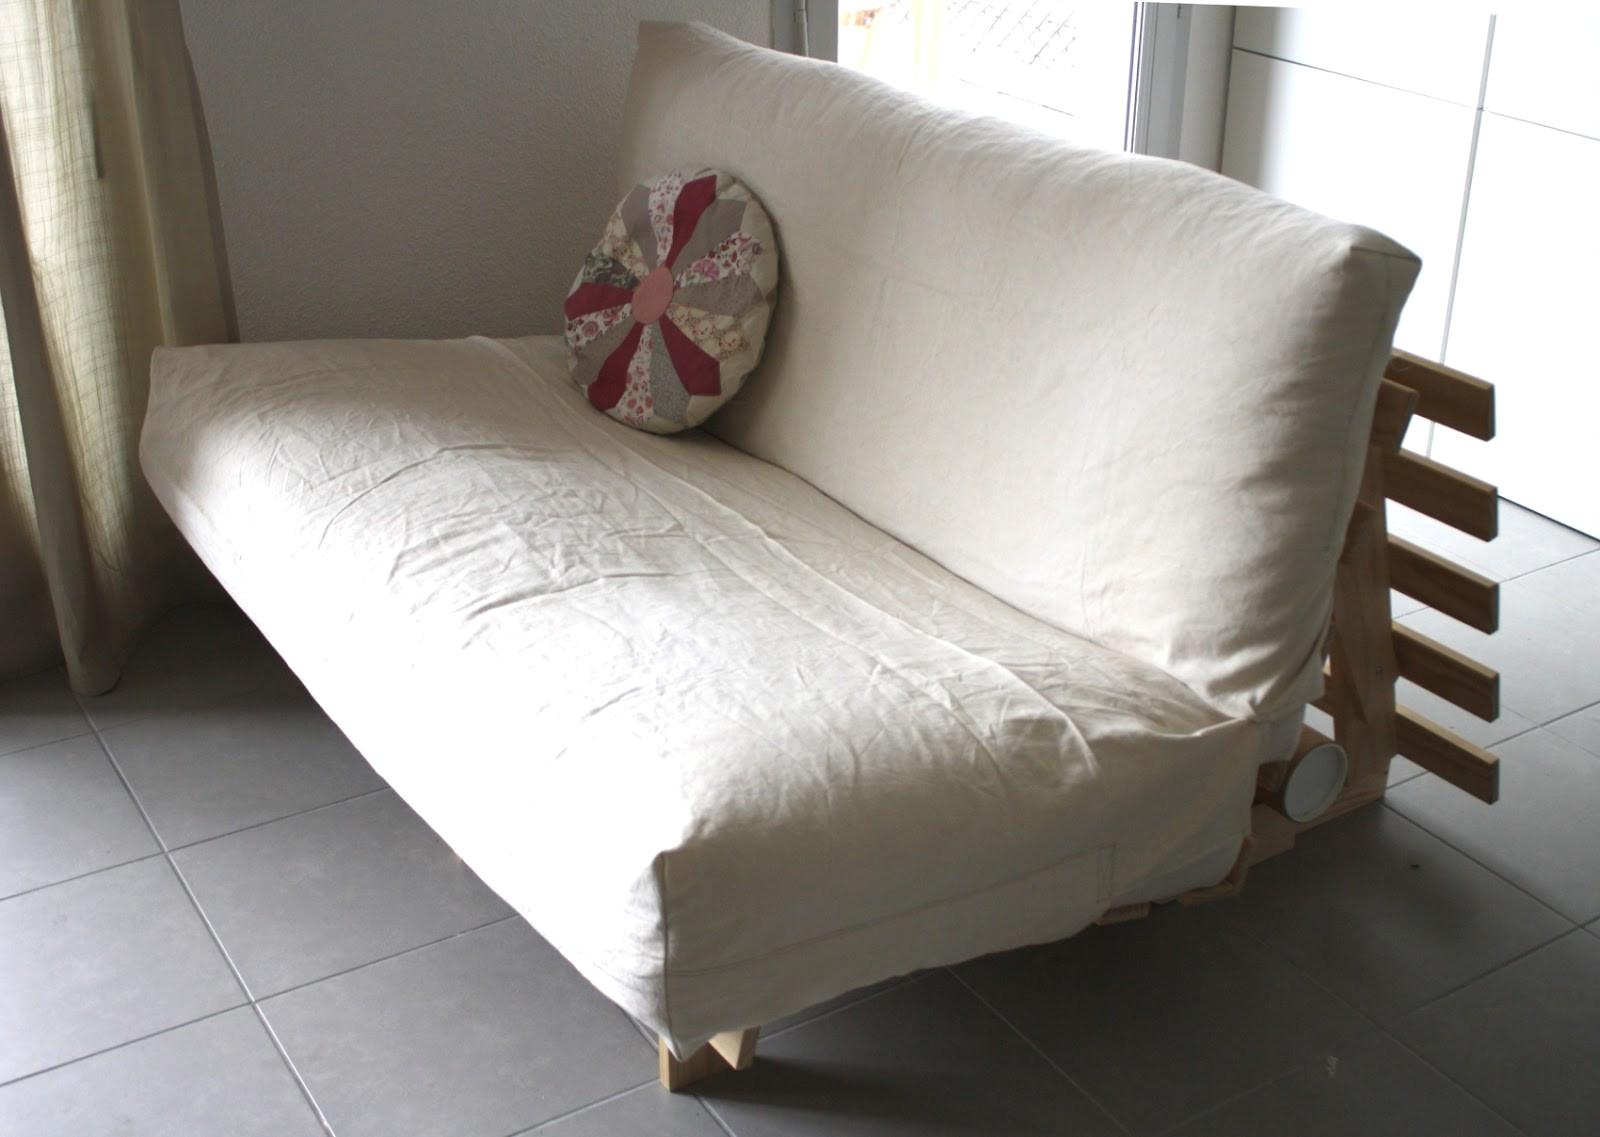 Canapé Tissu Fleuri Anglais Nouveau Stock Matelas Pour Canap Bz Canape Bz Ikea Housse Canapac Bz Ikea New